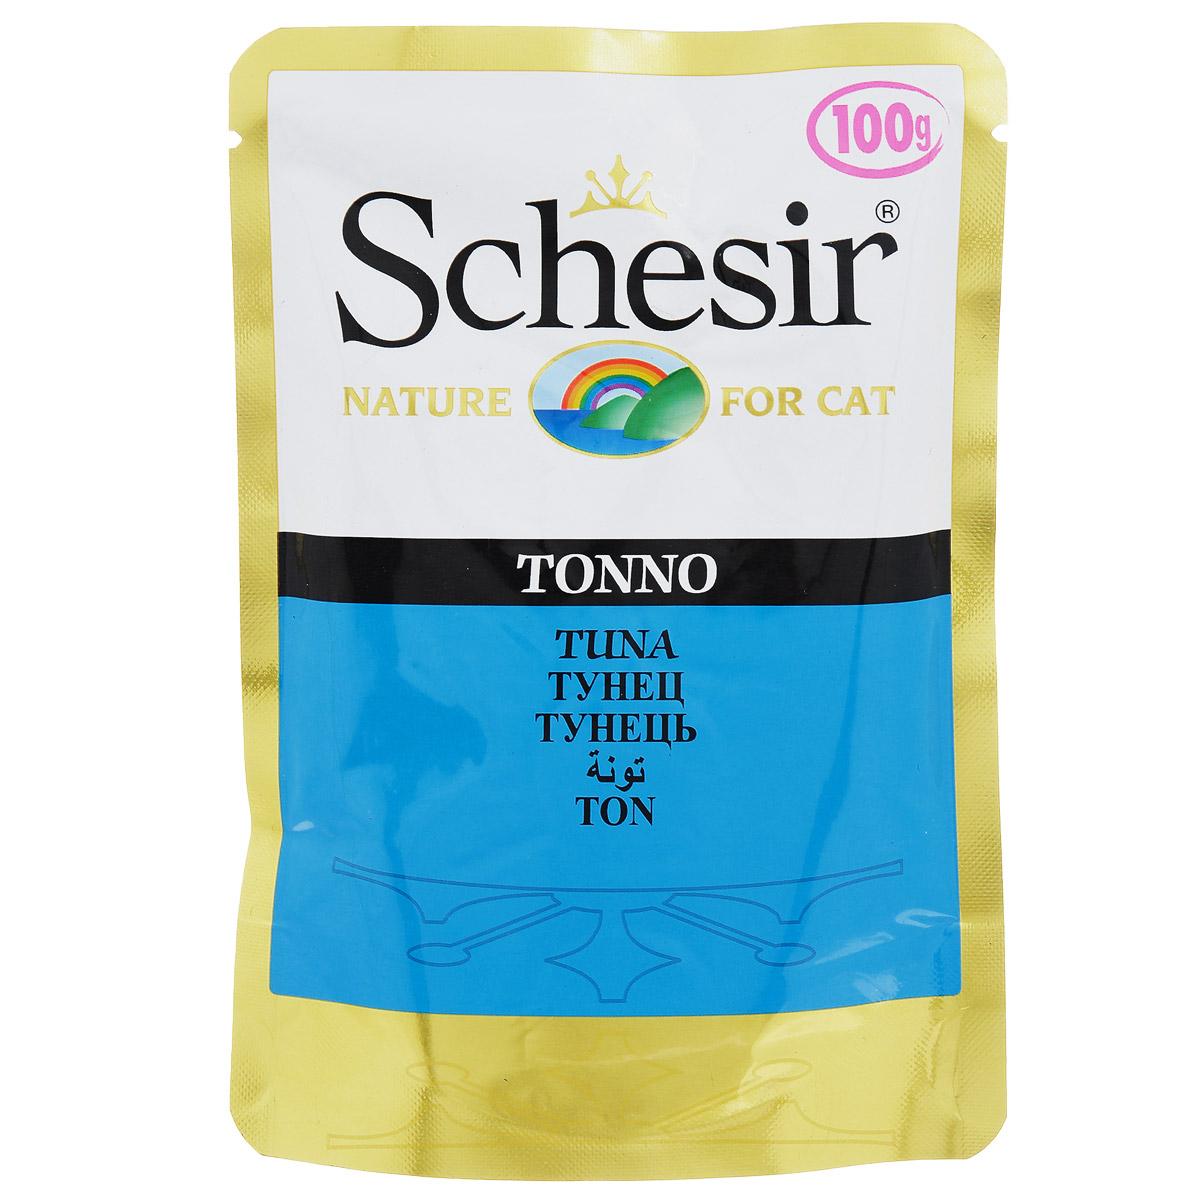 Консервы для кошек Schesir, с тунцом, 100 г15123Консервы Schesir - это полнорационный корм для кошек. Состав: тунец (50% минимум), овощное желе. Содержание элементов: сырой протеин 12%, жиры 0,5%, клетчатка 0,1%, зола1,2%, влажность 82%.Витамины: А - 1325 МЕ, D3 - 110 МЕ, Е - 15 мг, таурин 160 мг. Вес: 100 г. Товар сертифицирован.